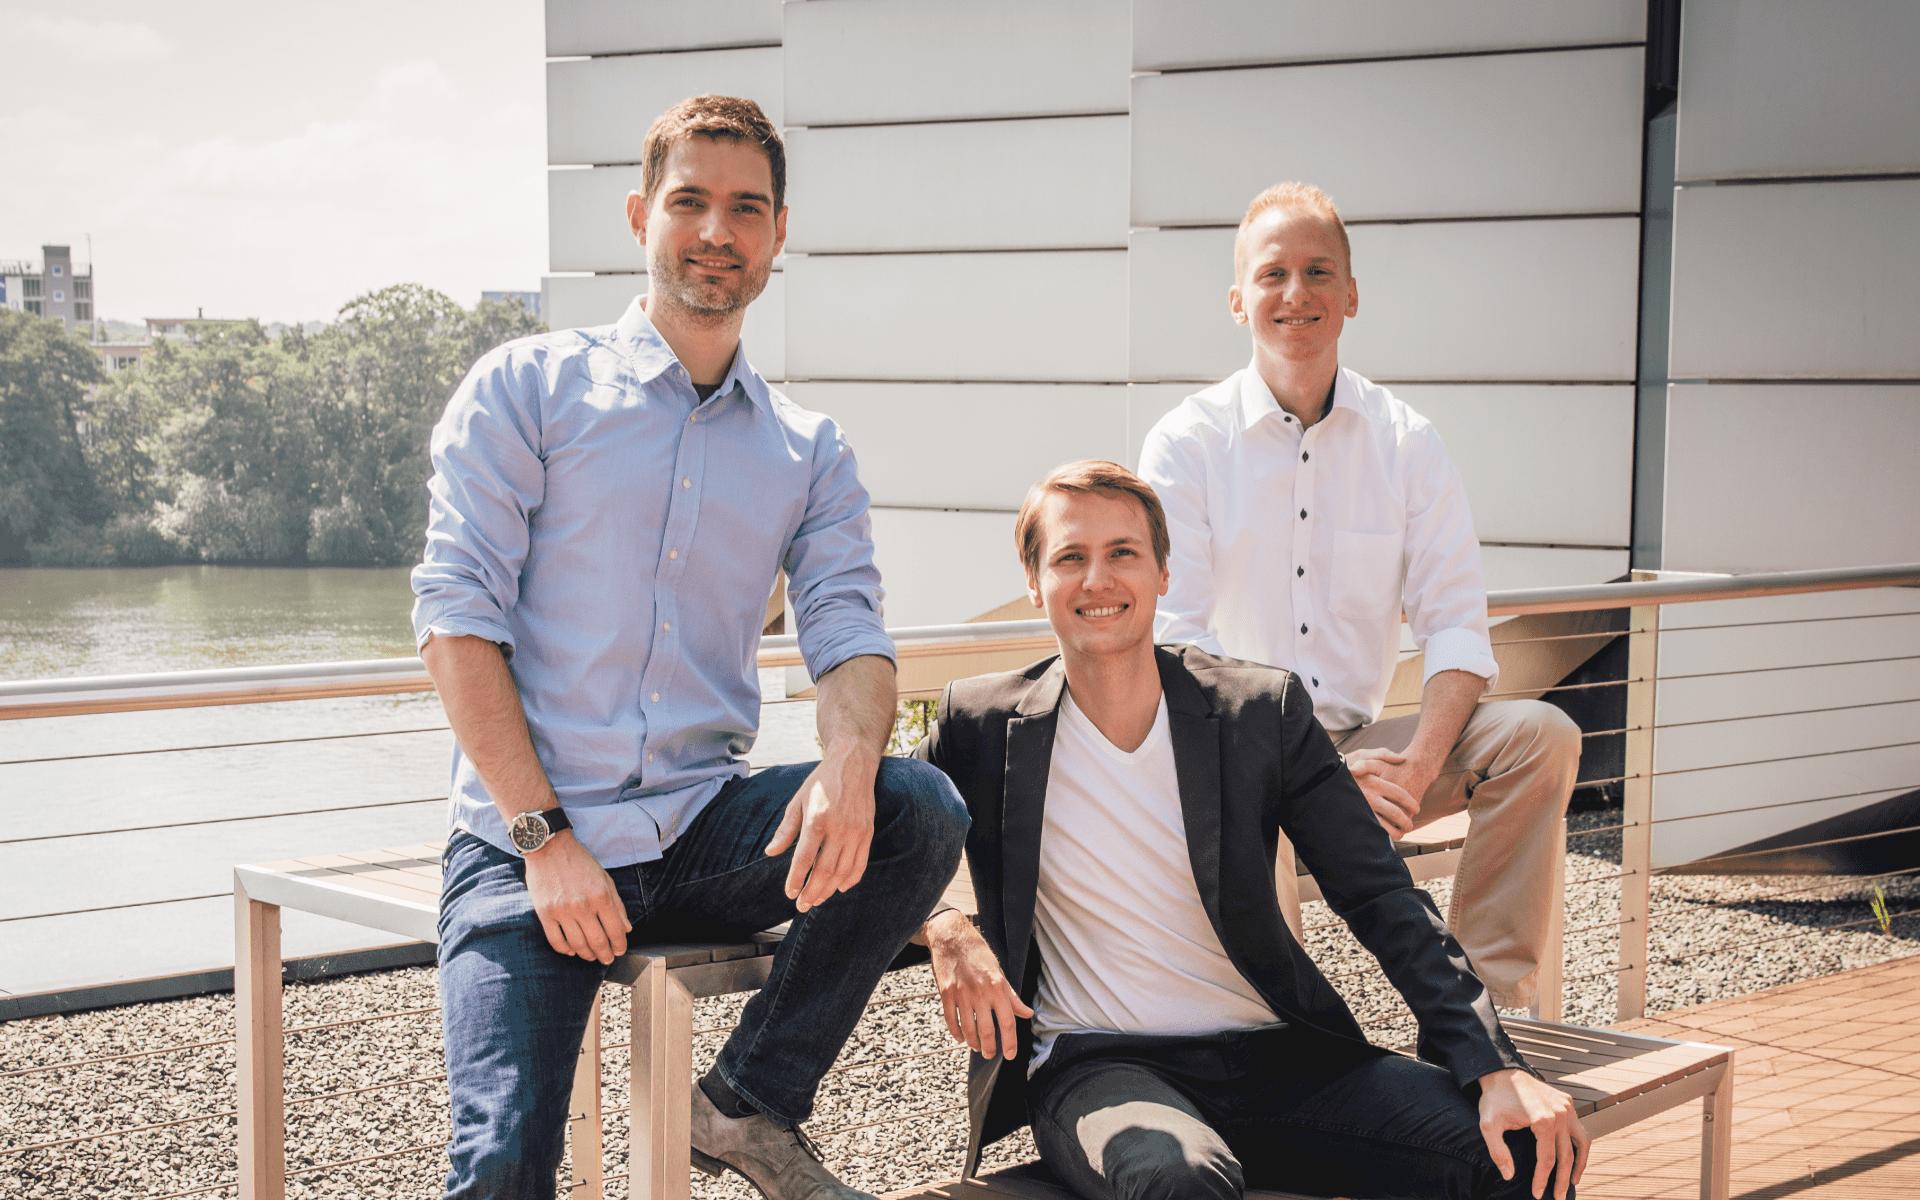 Medtech Start-up Implify digitalisiert den Markt für Zahnimplantate